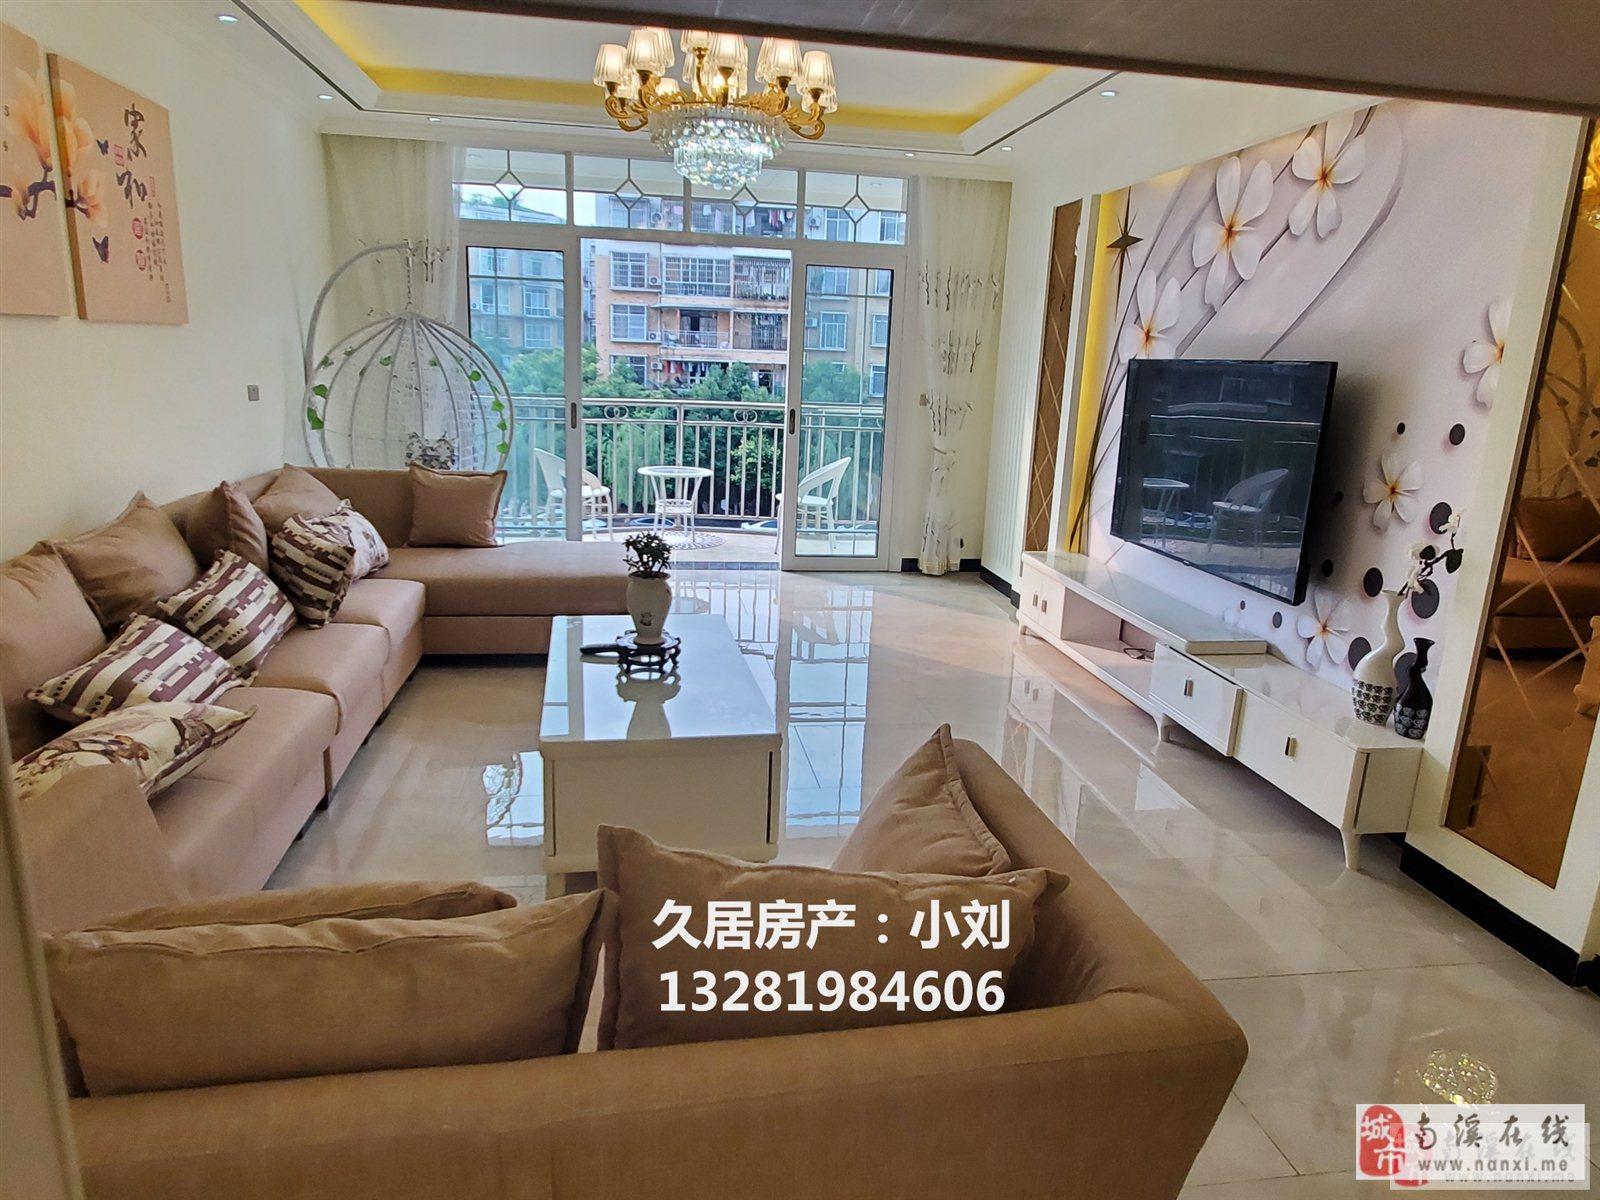 馨海公寓 黃金4樓 黃金地段 帶小區停車 精裝超大4房